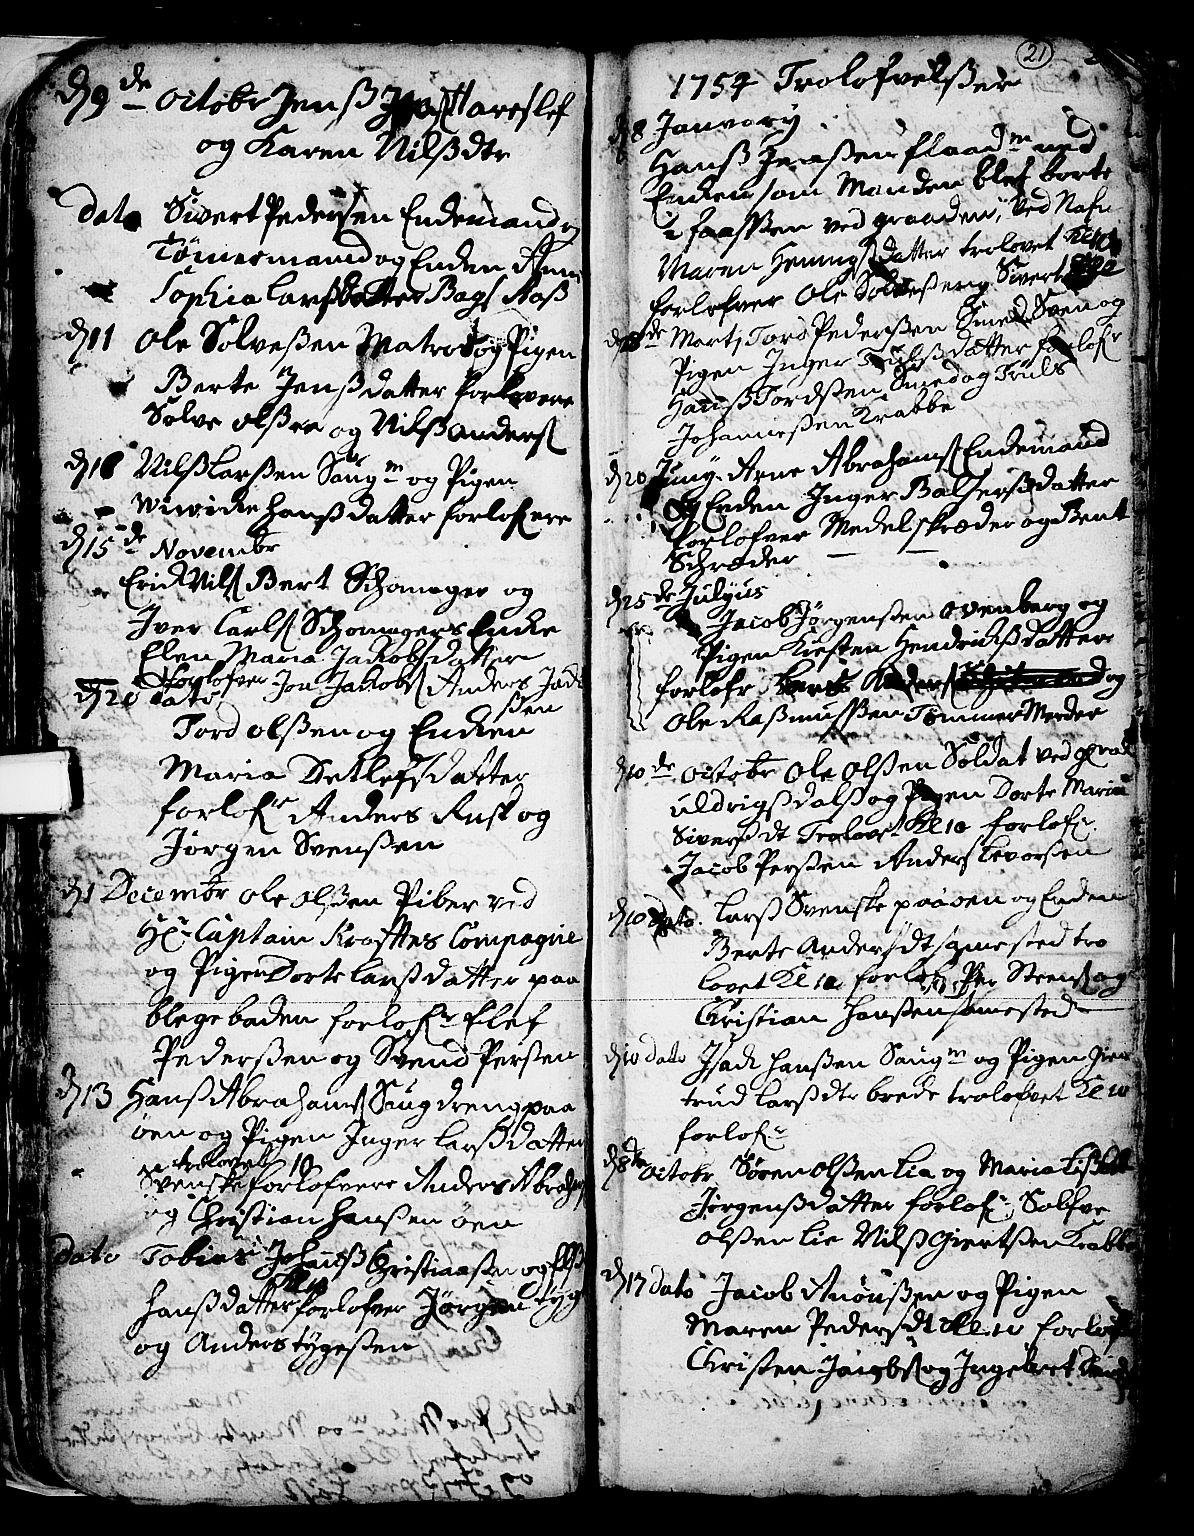 SAKO, Skien kirkebøker, F/Fa/L0002: Ministerialbok nr. 2, 1716-1757, s. 21